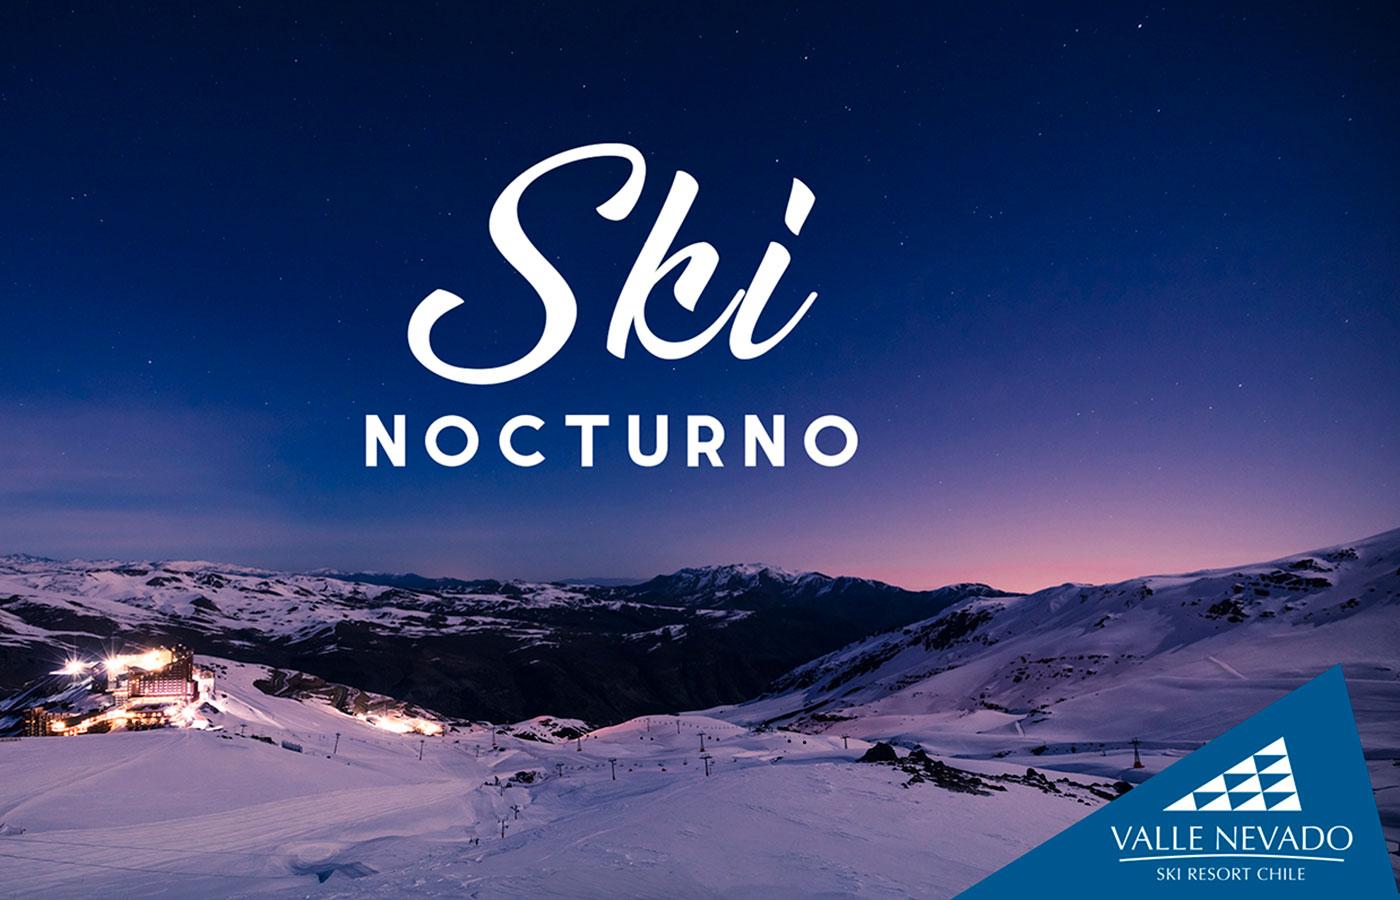 Ski Nocturno